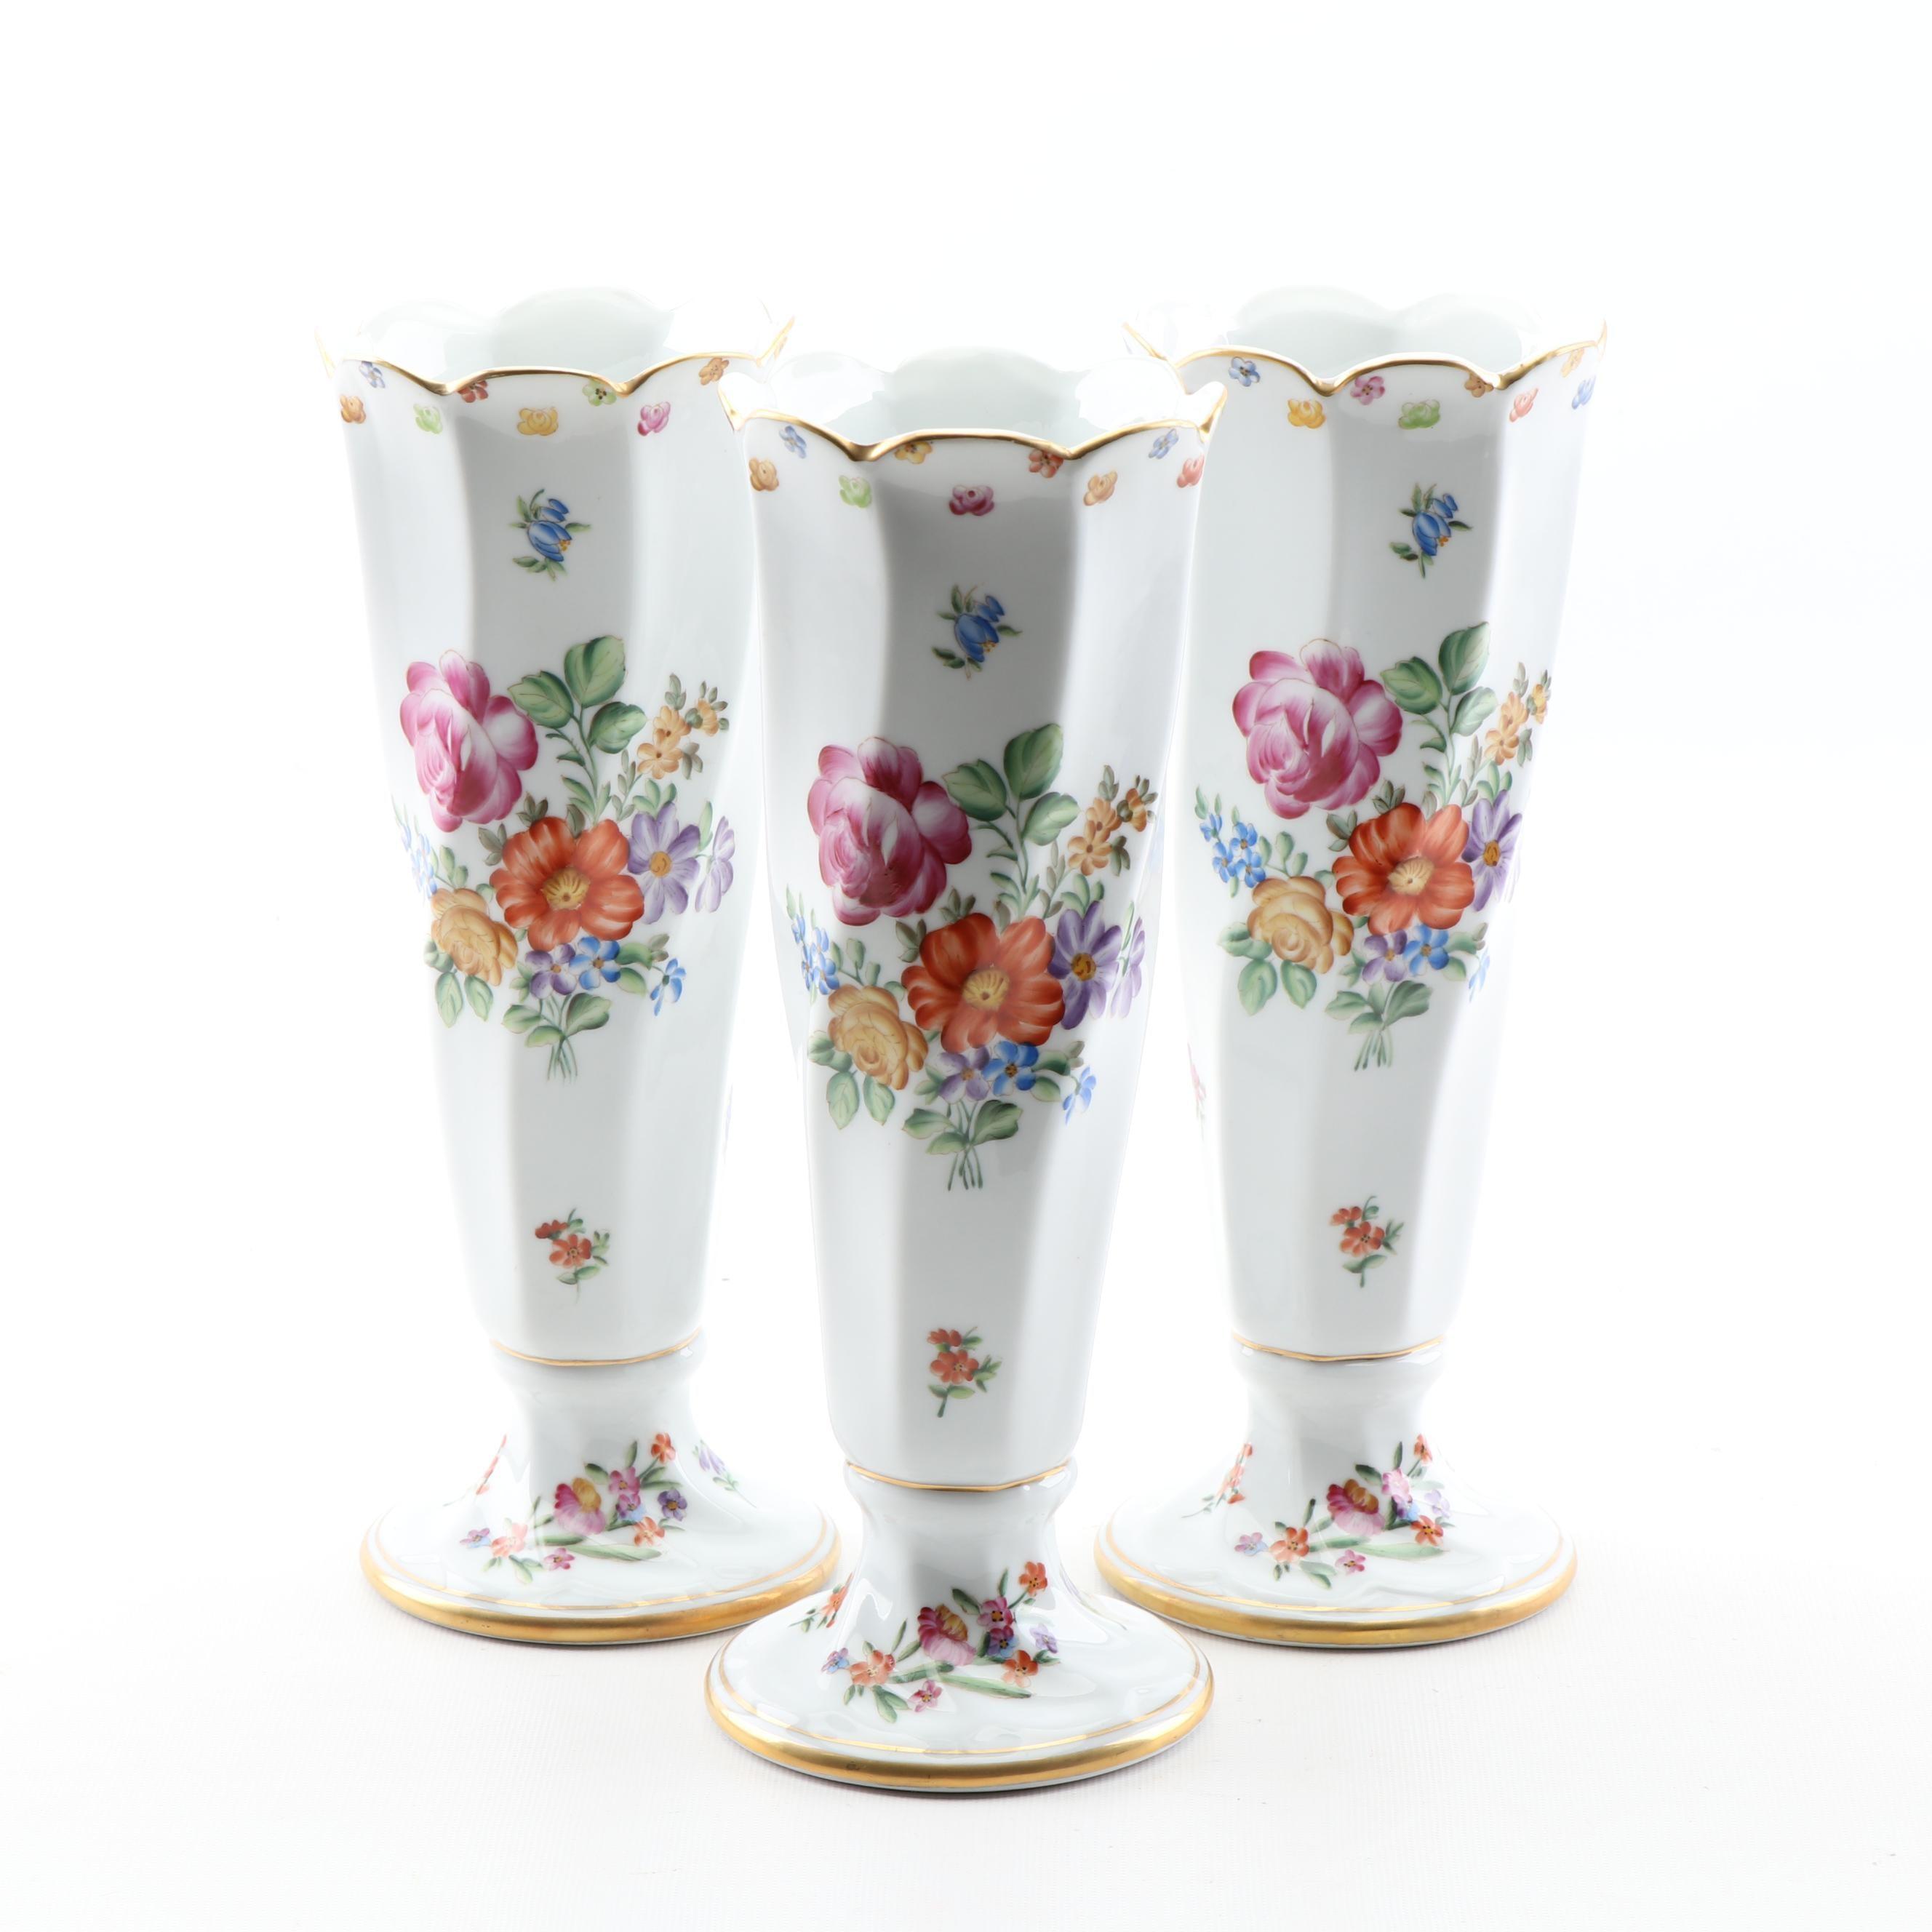 Dresden Porcelain Bud Vases, Late 19th Century